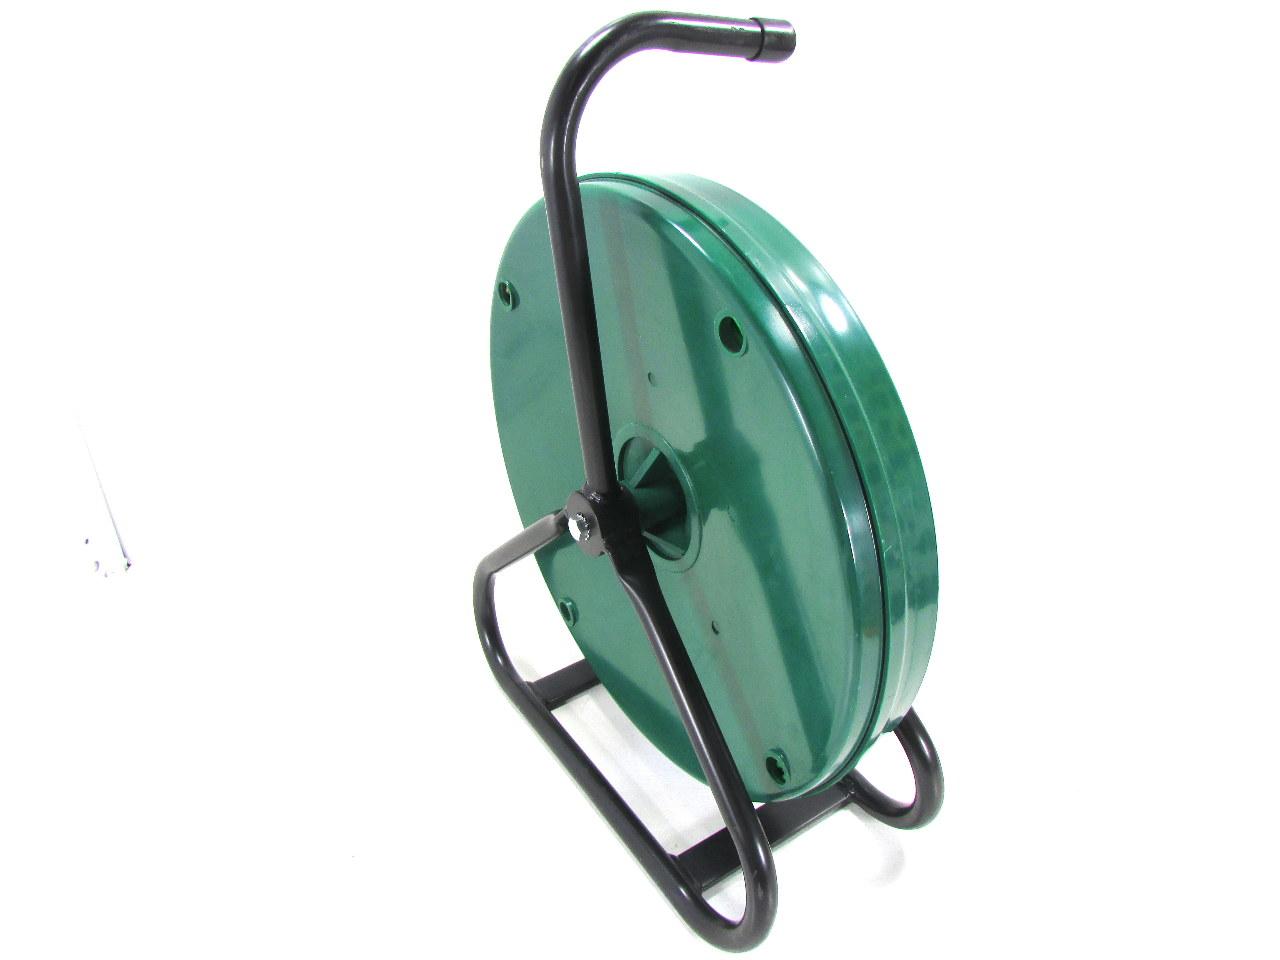 Greenlee 542 200 3 16 x 200 39 fiberglass fish tape in for Fiberglass fish tape